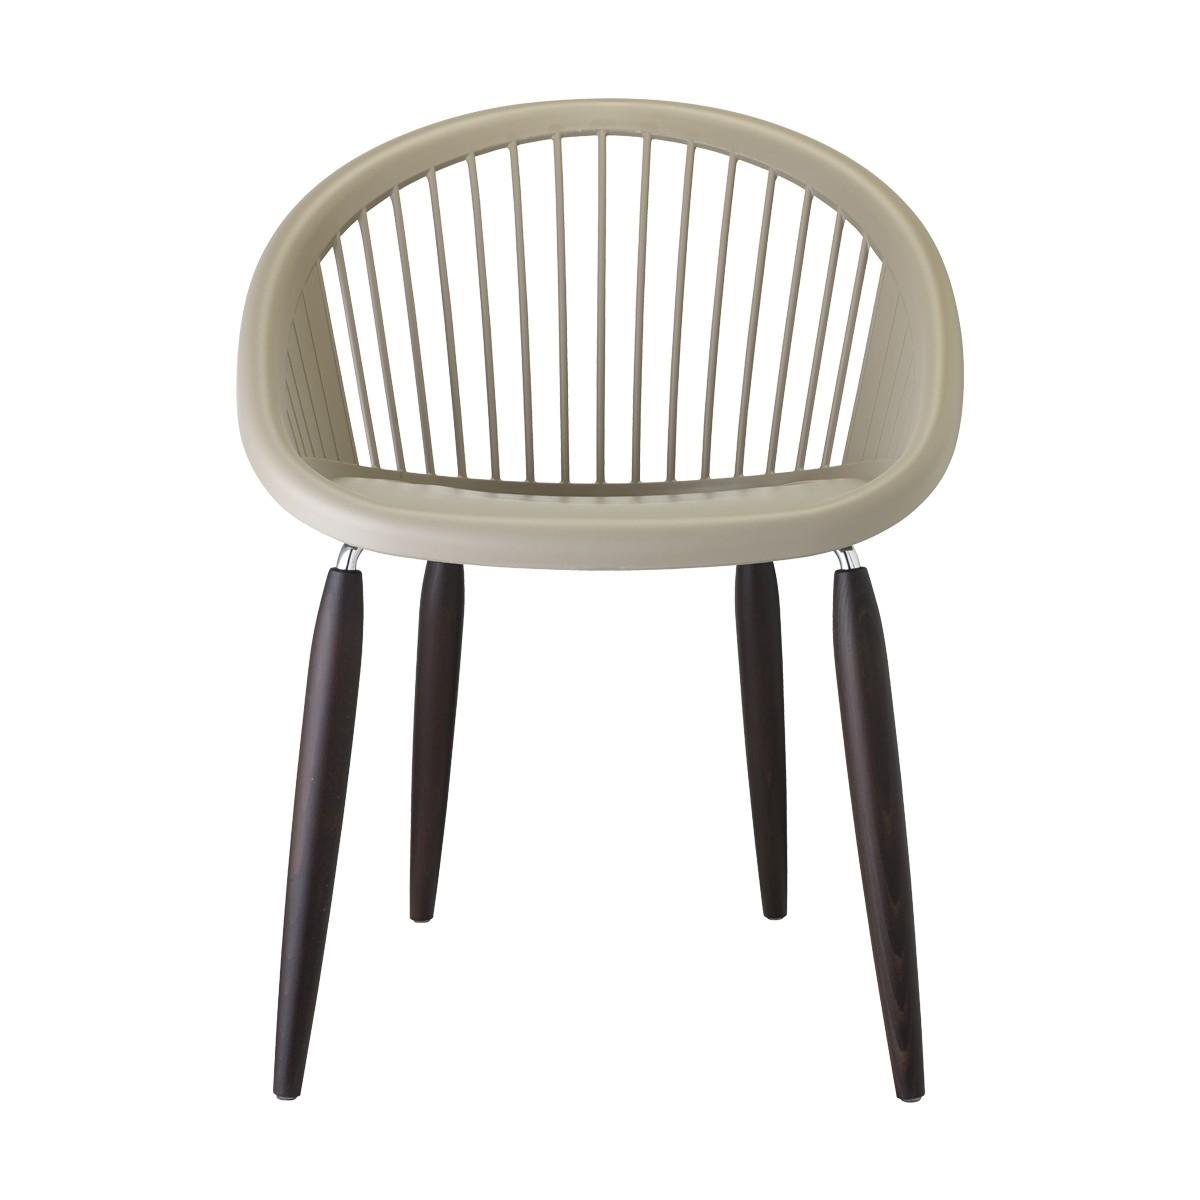 Sedia scab sedia natural giulia legno design poltroncina for Sedia design legno